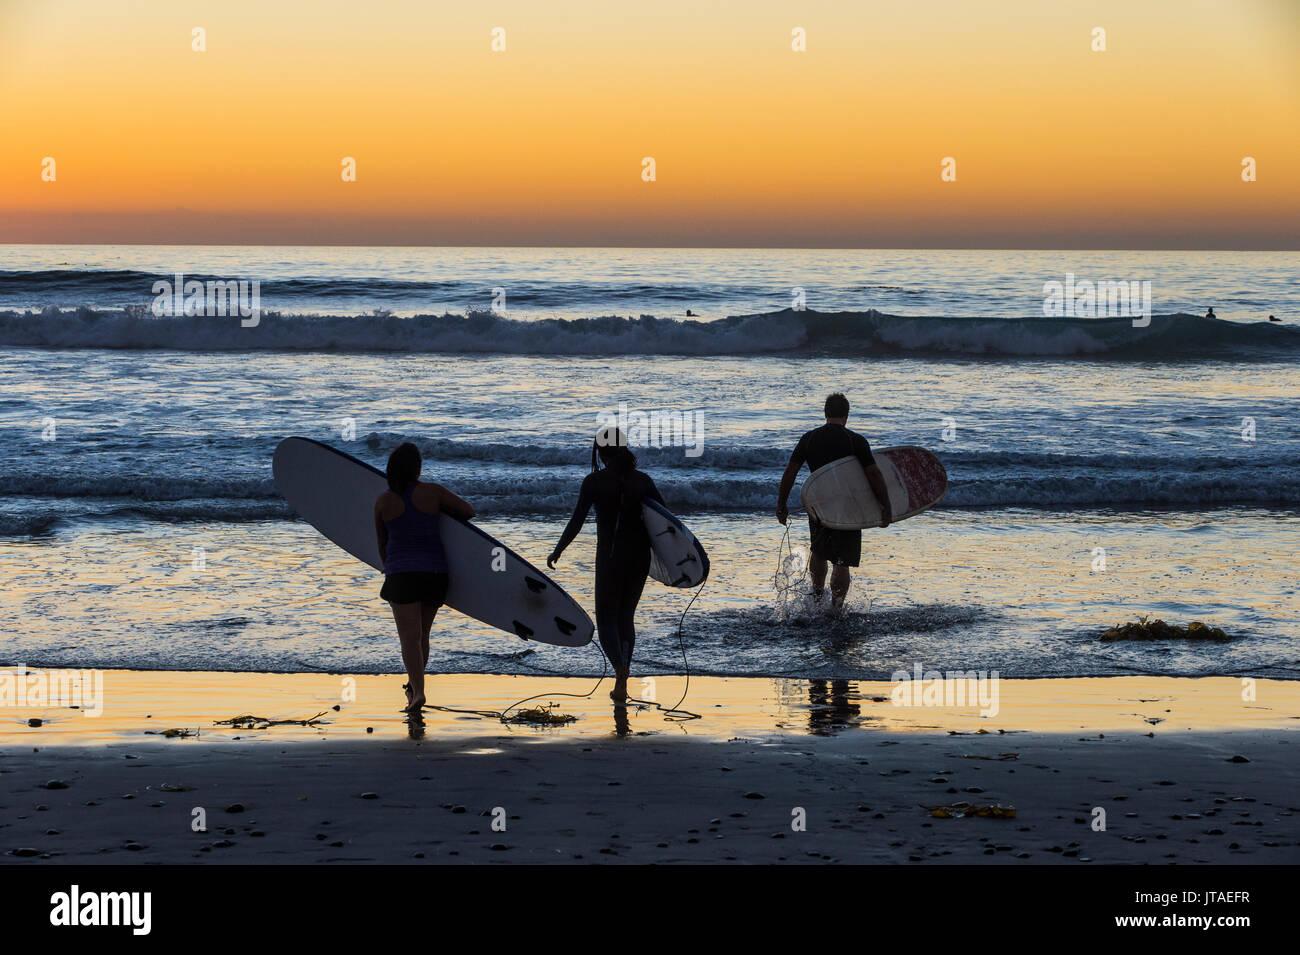 Surfer gehen mit ihren Surfboards im Meer bei Sonnenuntergang, Del Mar, Kalifornien, Vereinigte Staaten von Amerika, Stockbild